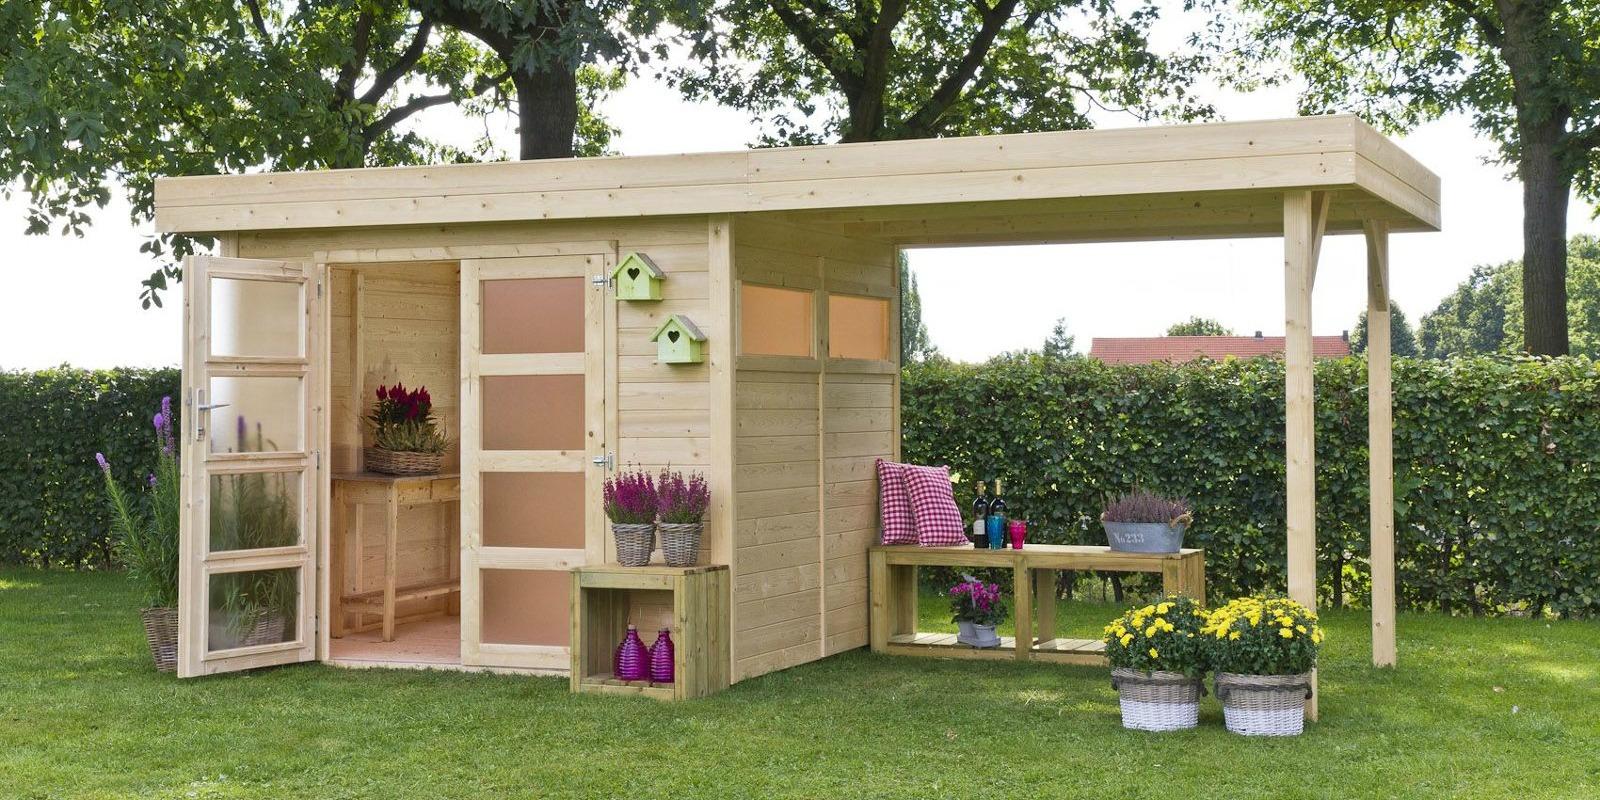 Home casette in legno for Casette di legno in offerta